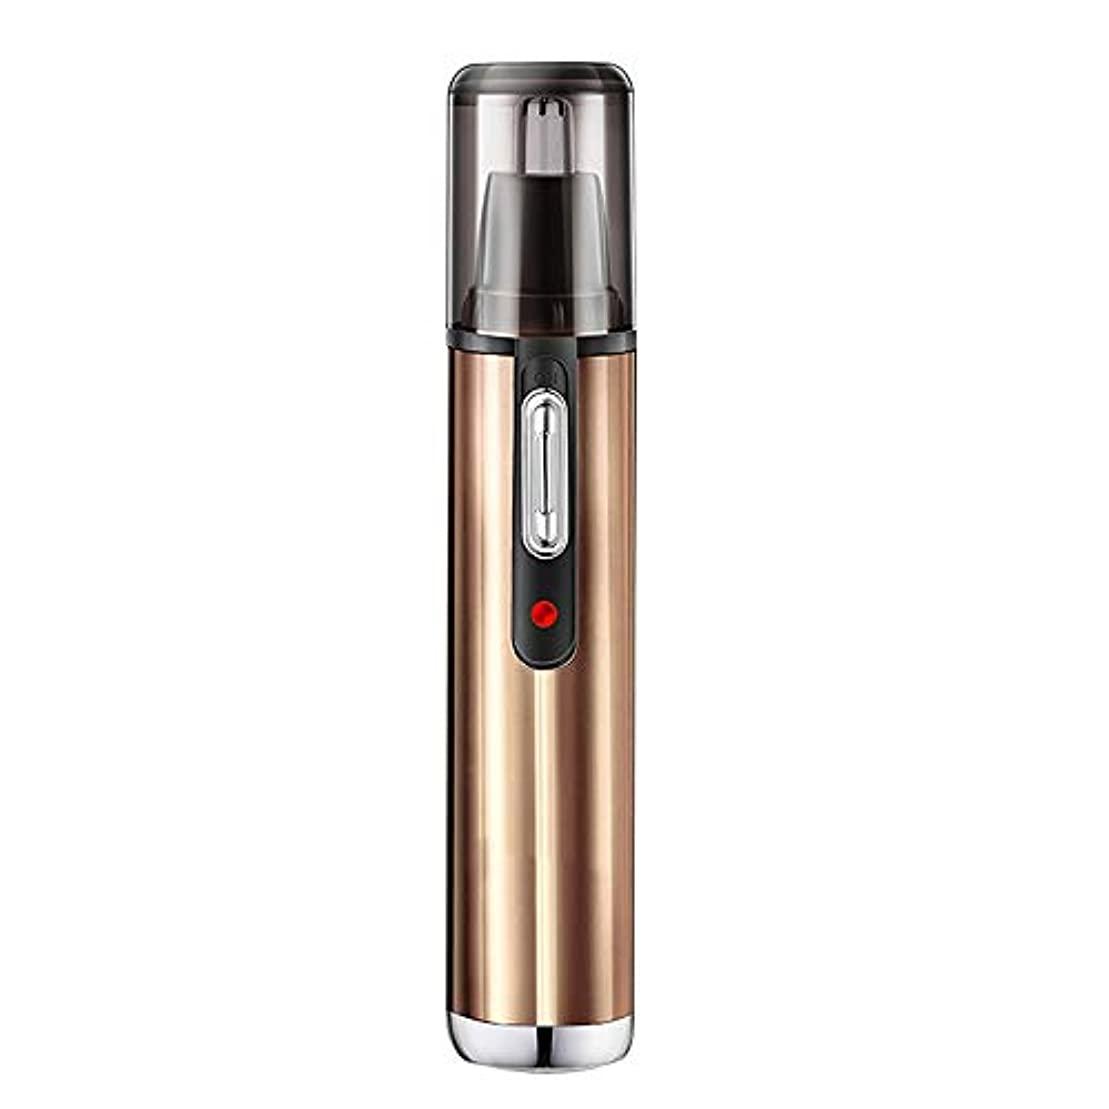 掃くもっと特性ノーズヘアトリマー/LED充電インジケータライト/内蔵360°回転カッターヘッド/ヘッドクリーニング可能/サイレントデザイン/プッシュアウト電子スイッチ/幅広いアプリケーション 使いやすい